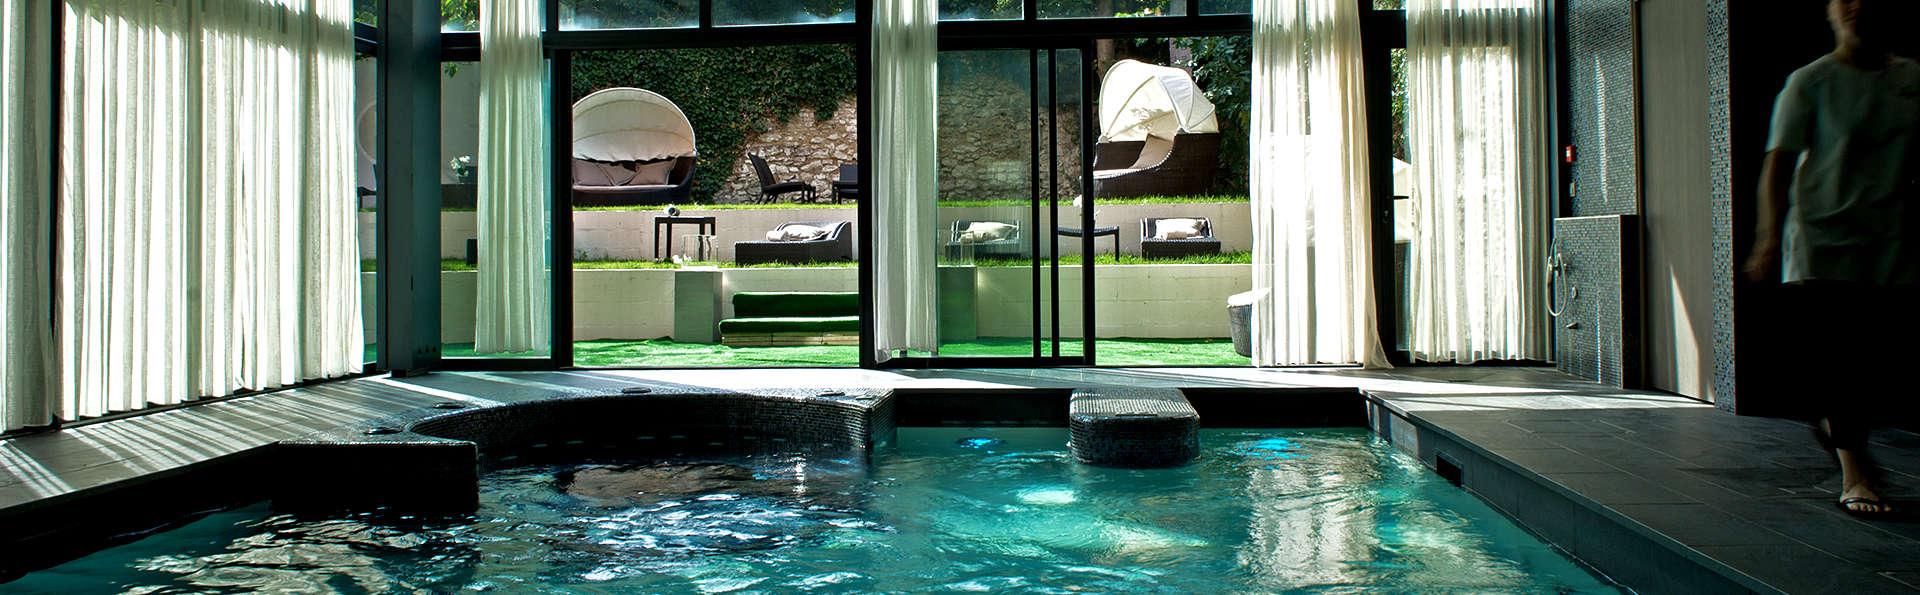 Détente dans un superbe hôtel 4* à Chartres